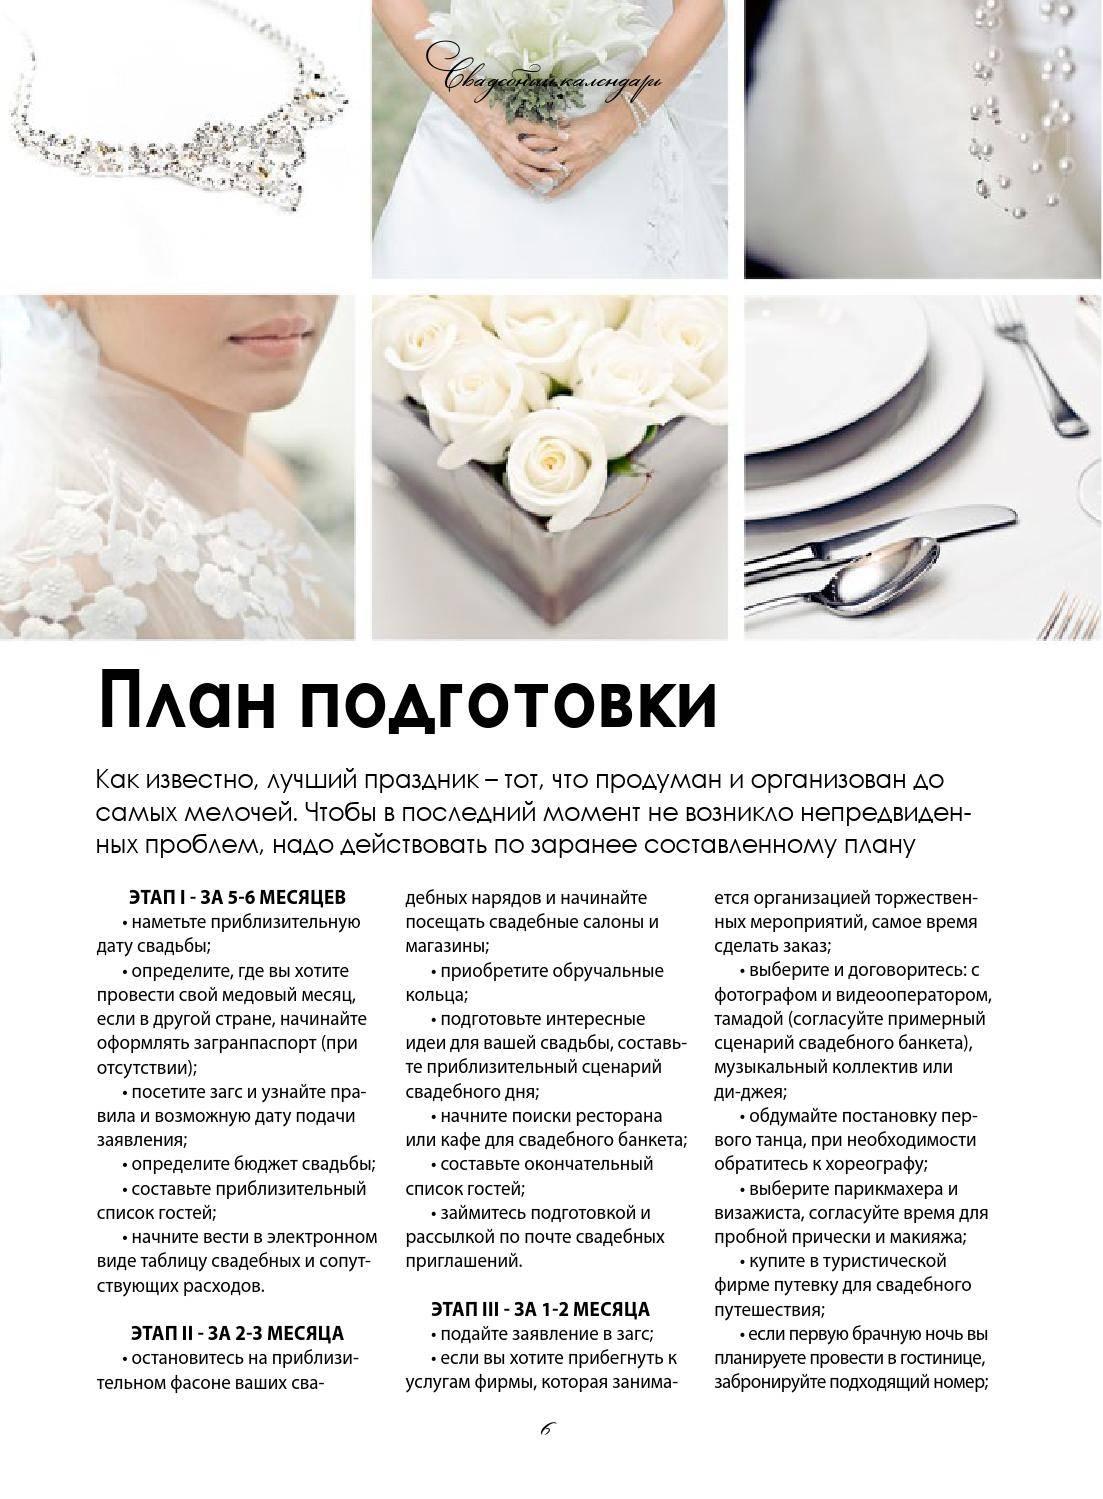 Подготовка к свадьбе пошагово: подробный план по пунктам